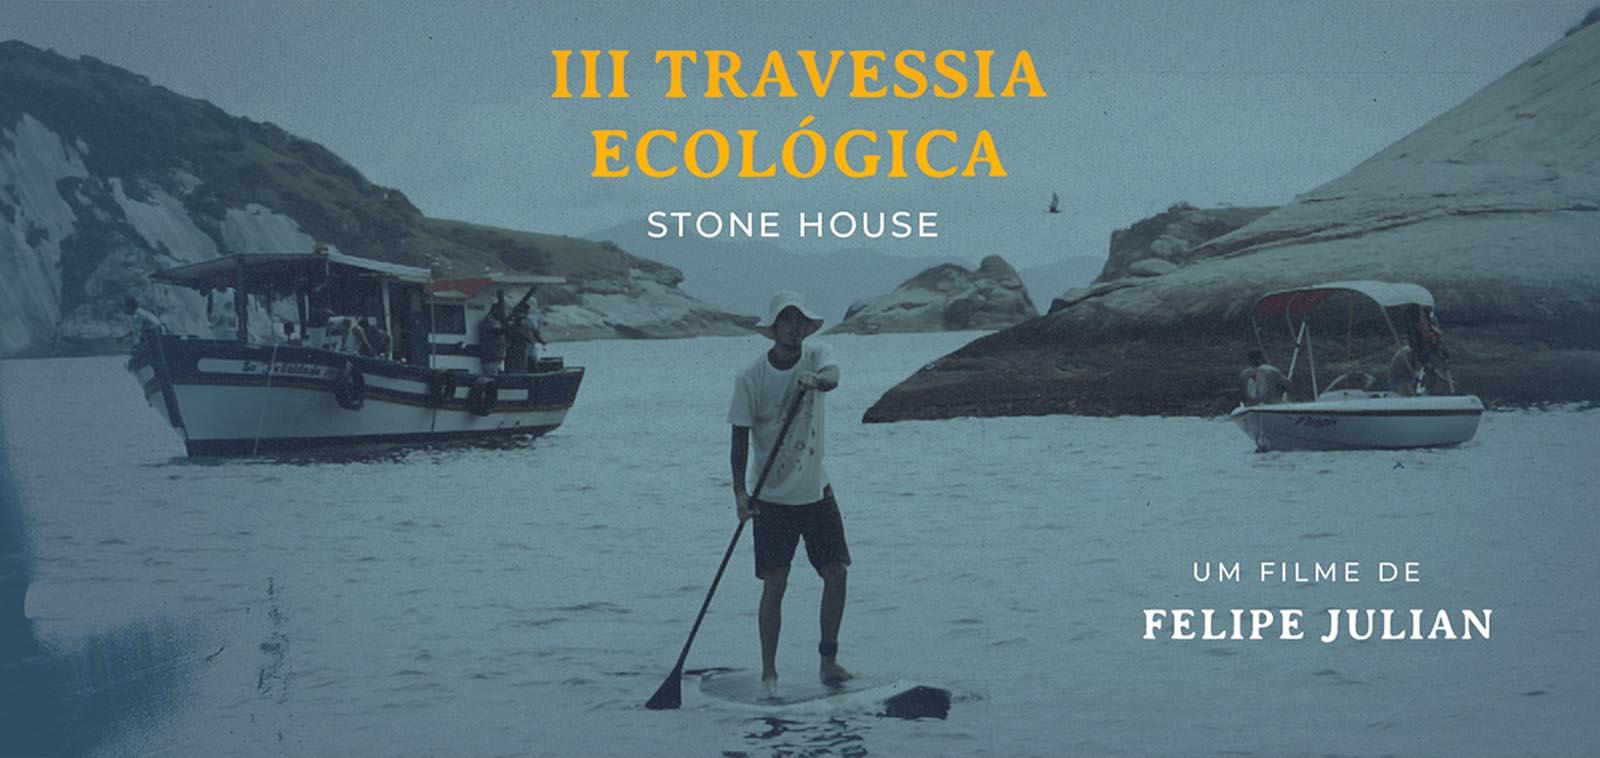 TRAVESSIA ecológica Stone House Filme de Felipe Julian